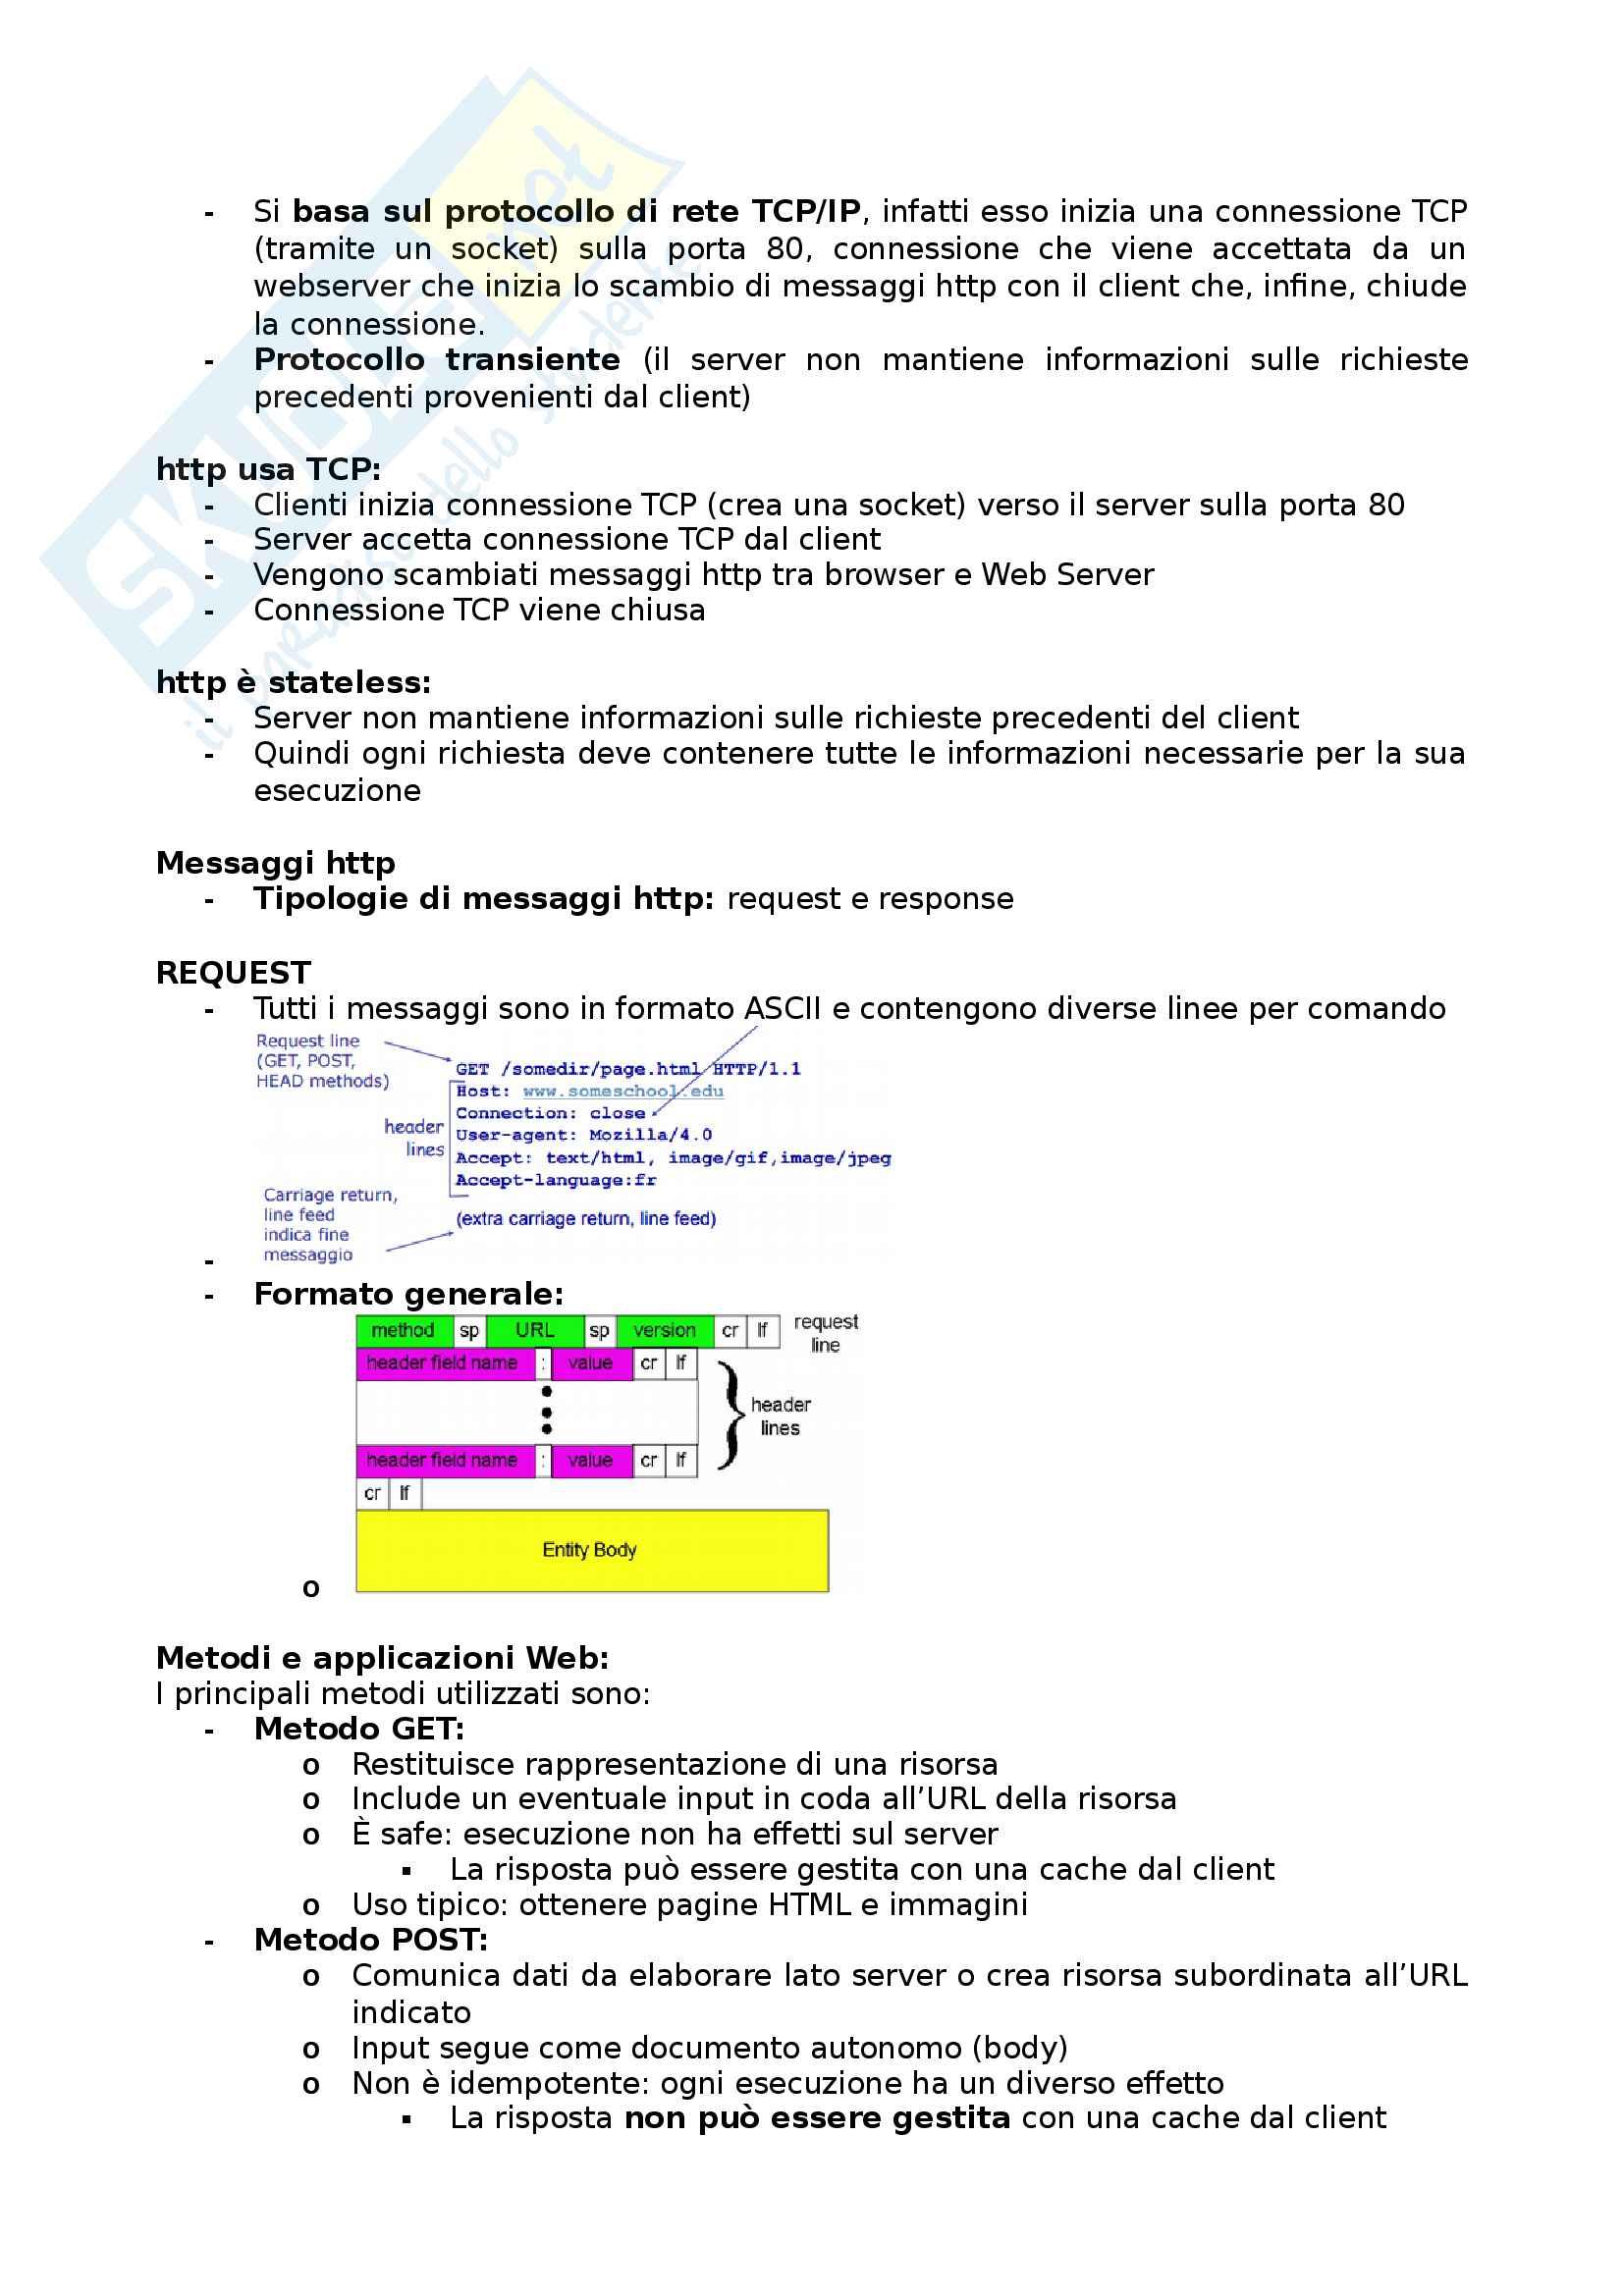 Sistemi Distribuiti - Riassunto del corso Pag. 11